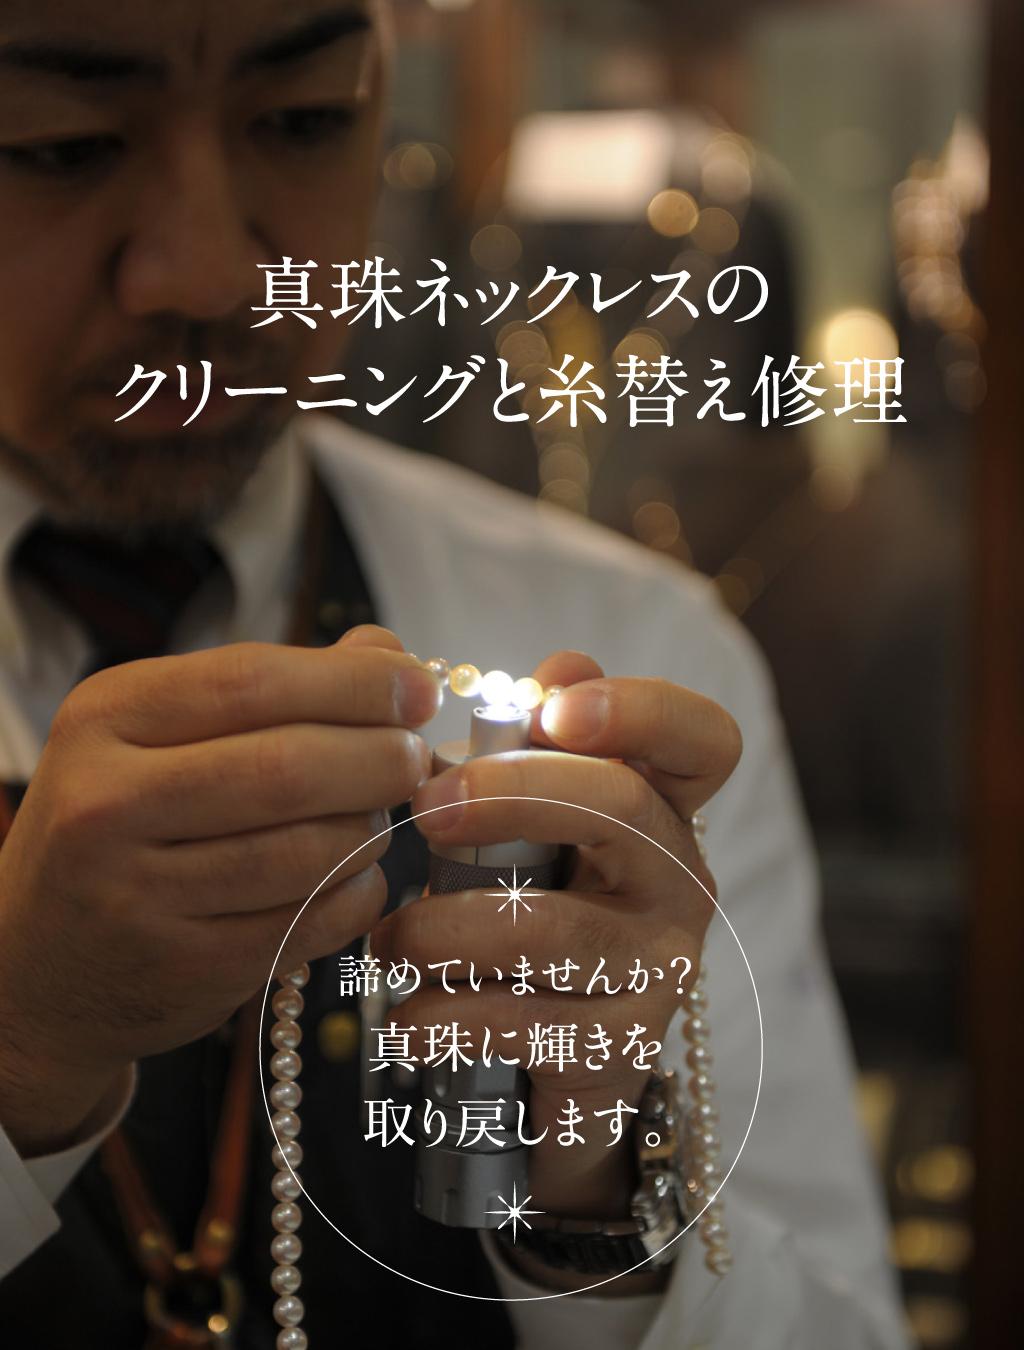 真珠クリーニング+糸替え